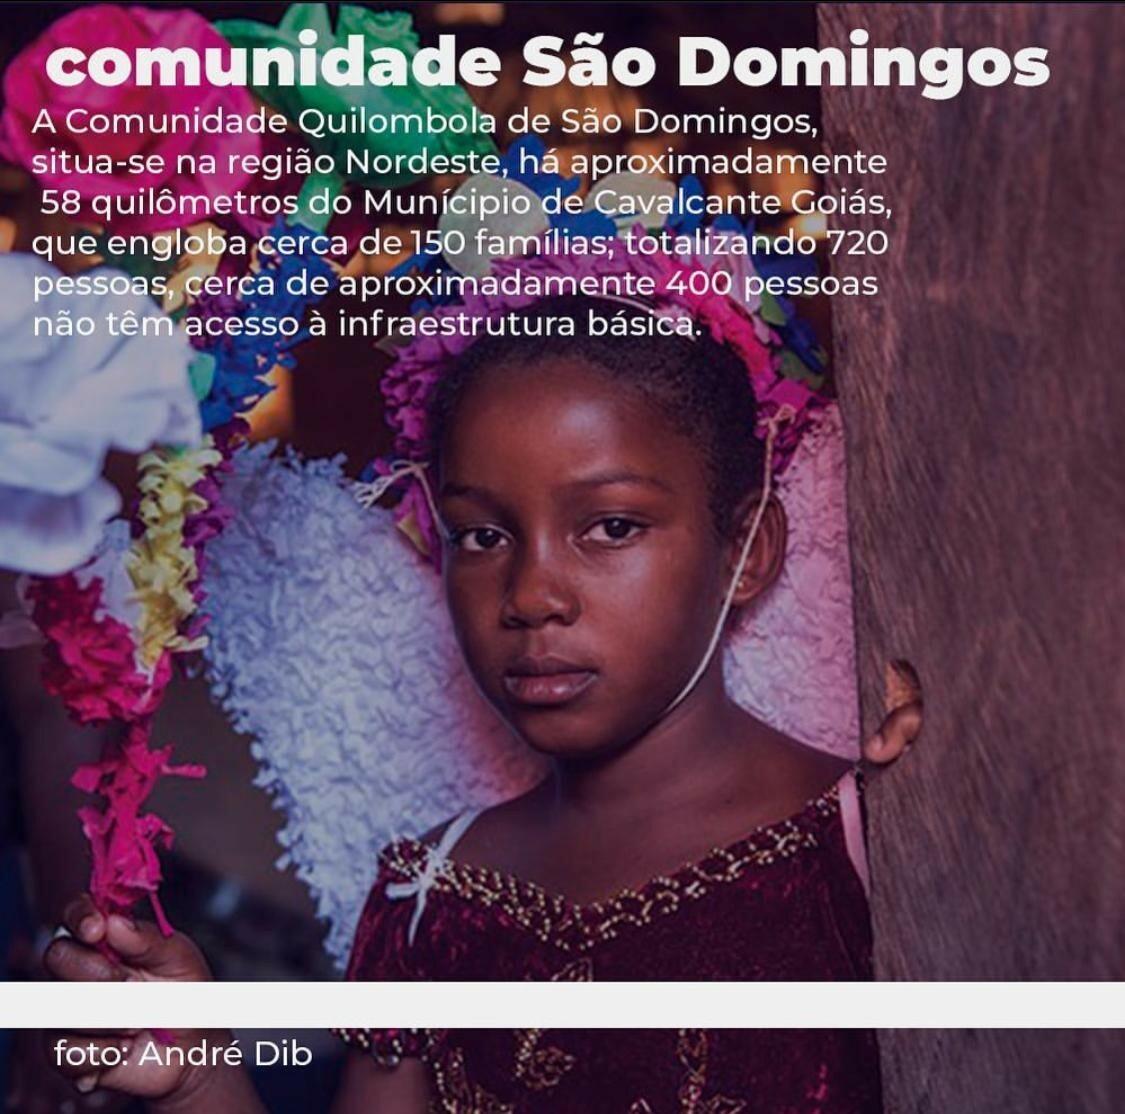 Comunidade São Domingos